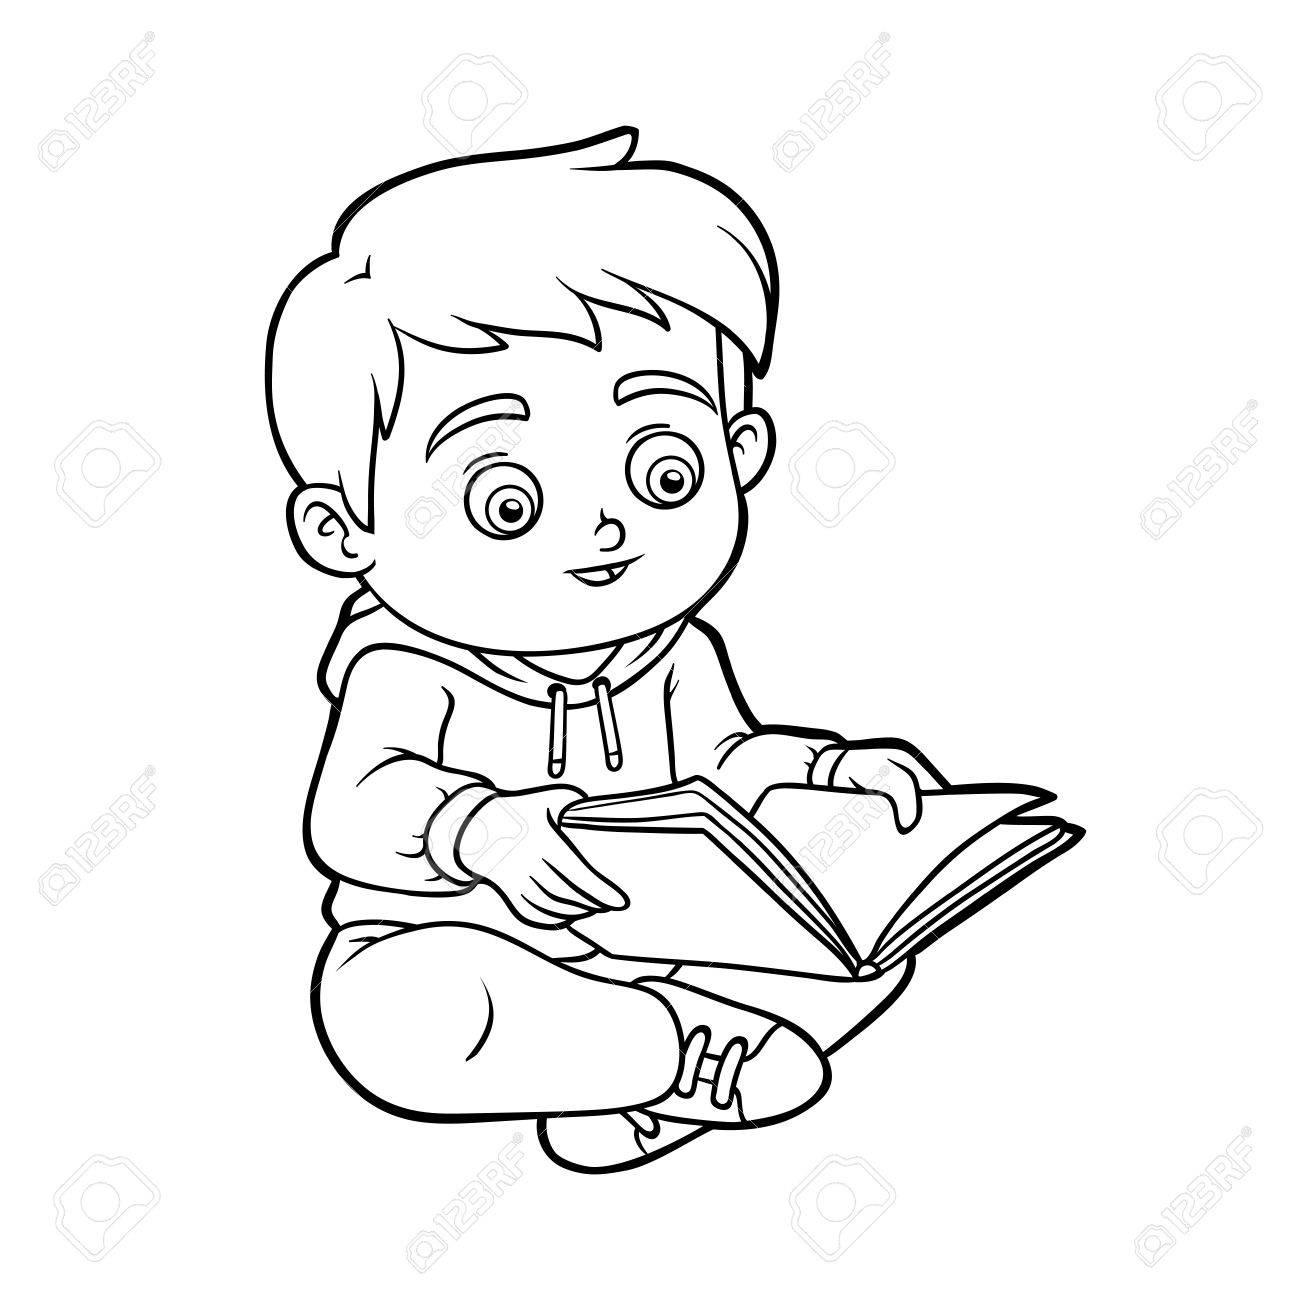 Libro Para Colorear Para Niños, Niño Leyendo Un Libro